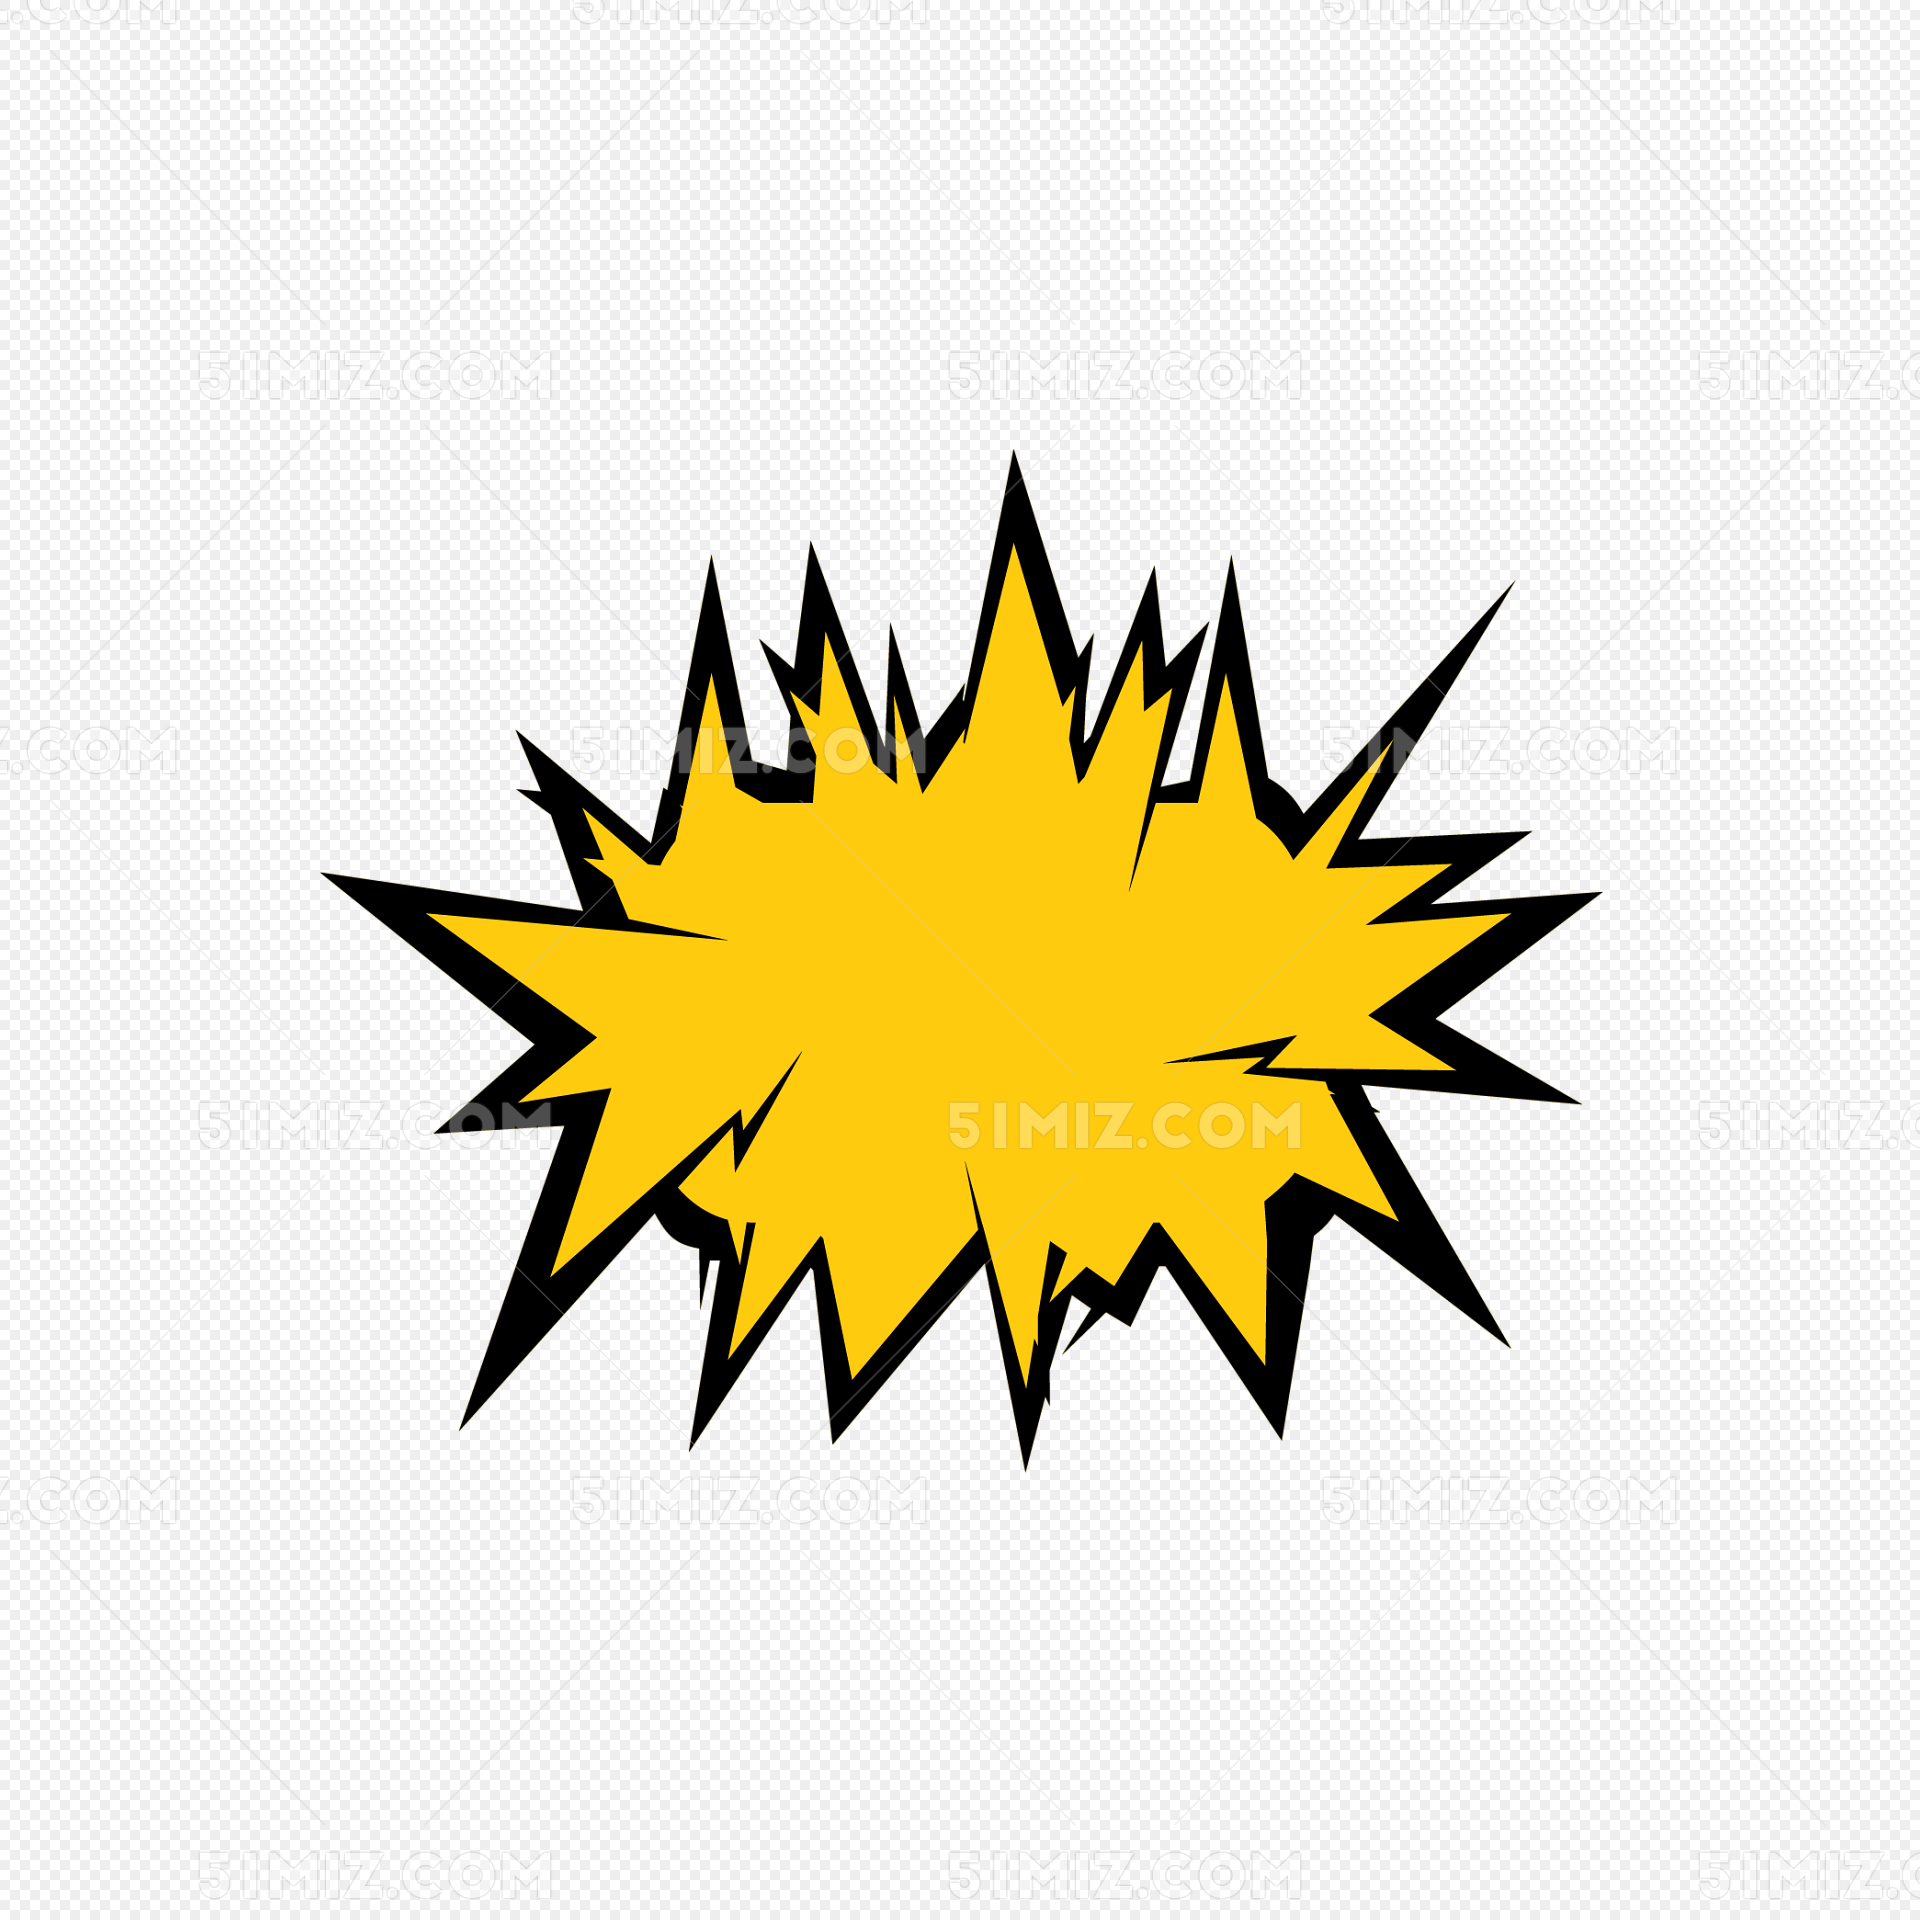 爆炸爆炸签星状图片素材免费下载_觅知网